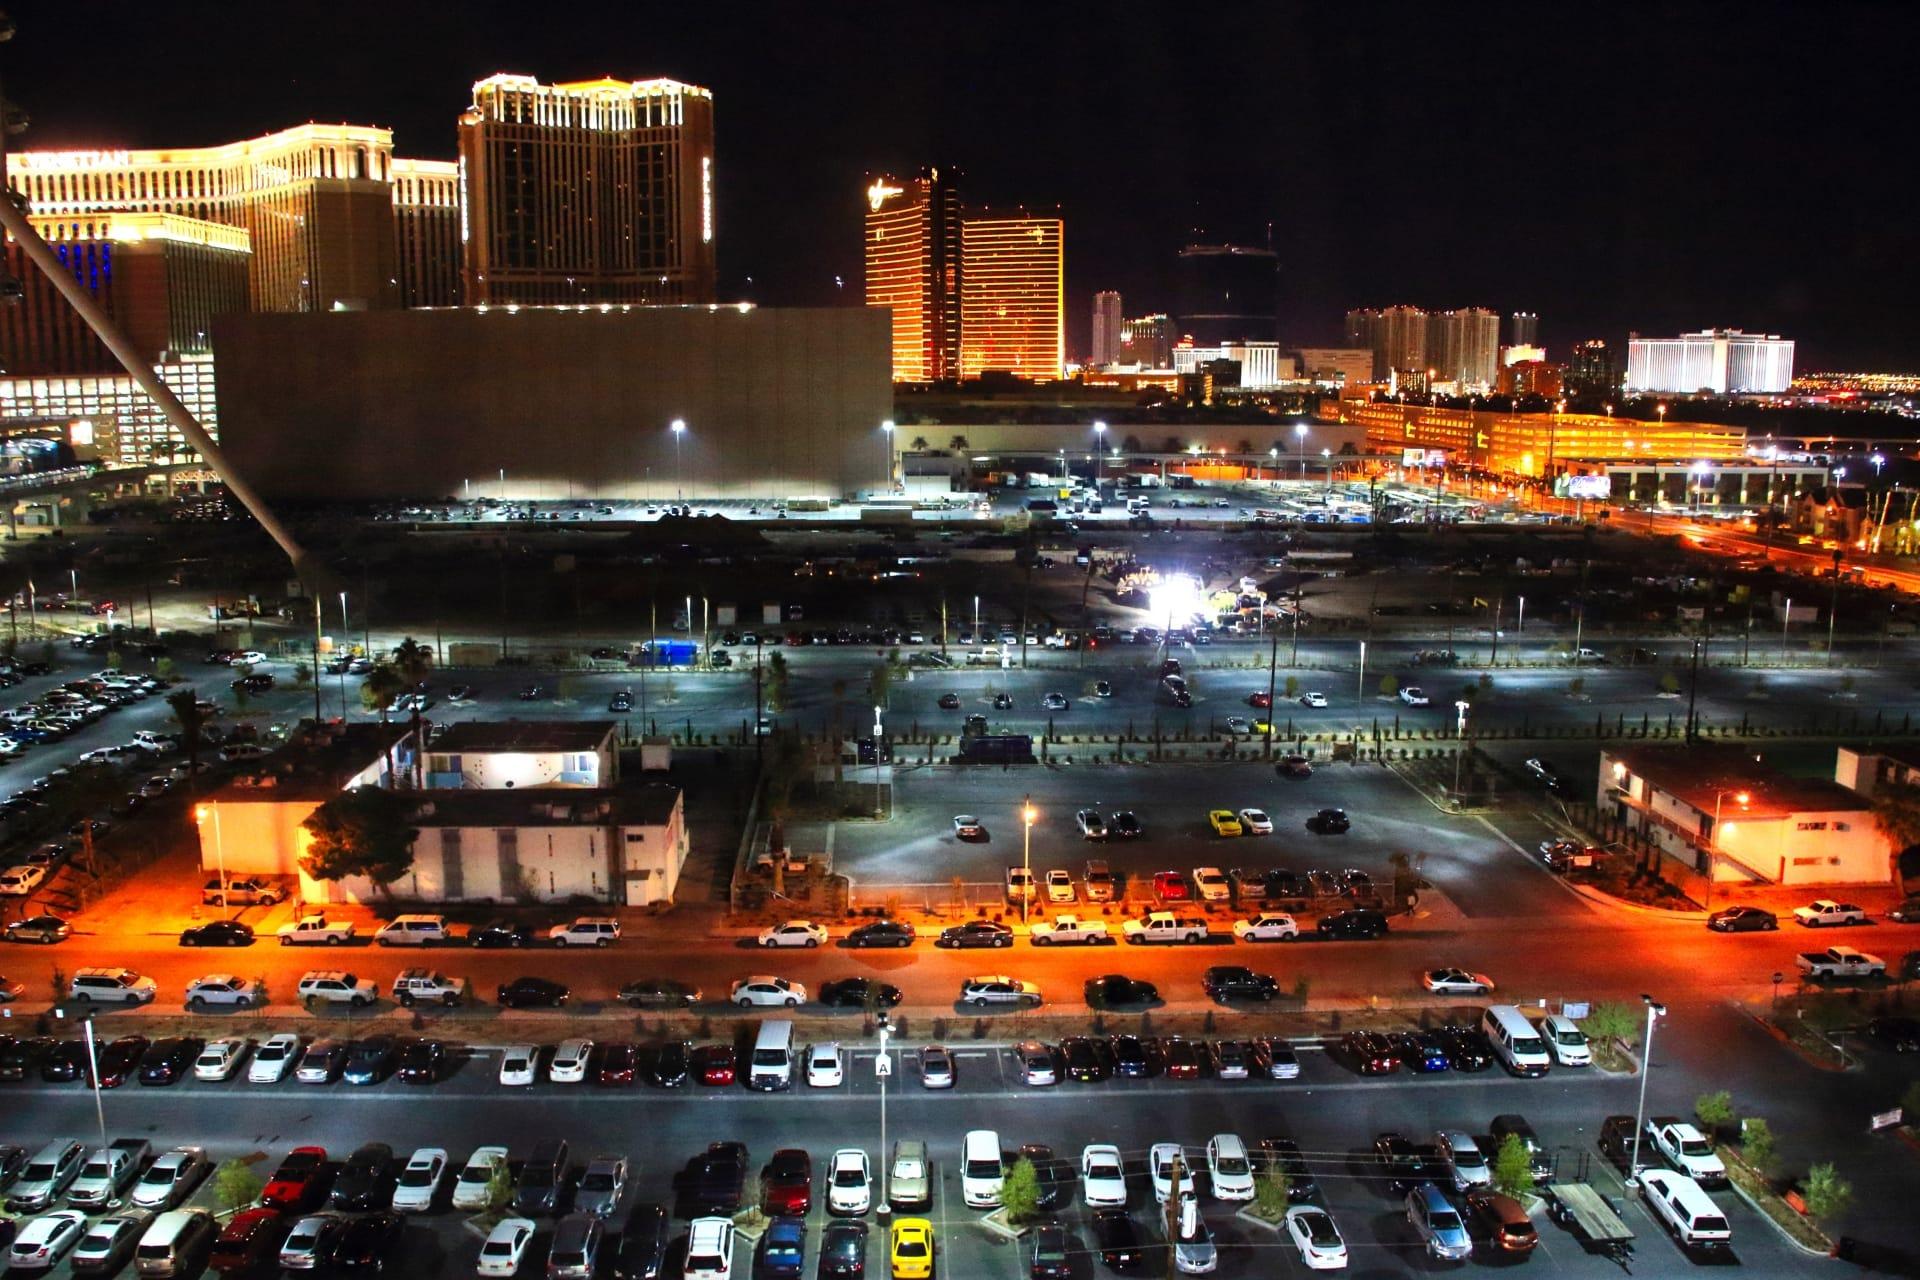 ラスベガスの広大な駐車場(イメージ図)